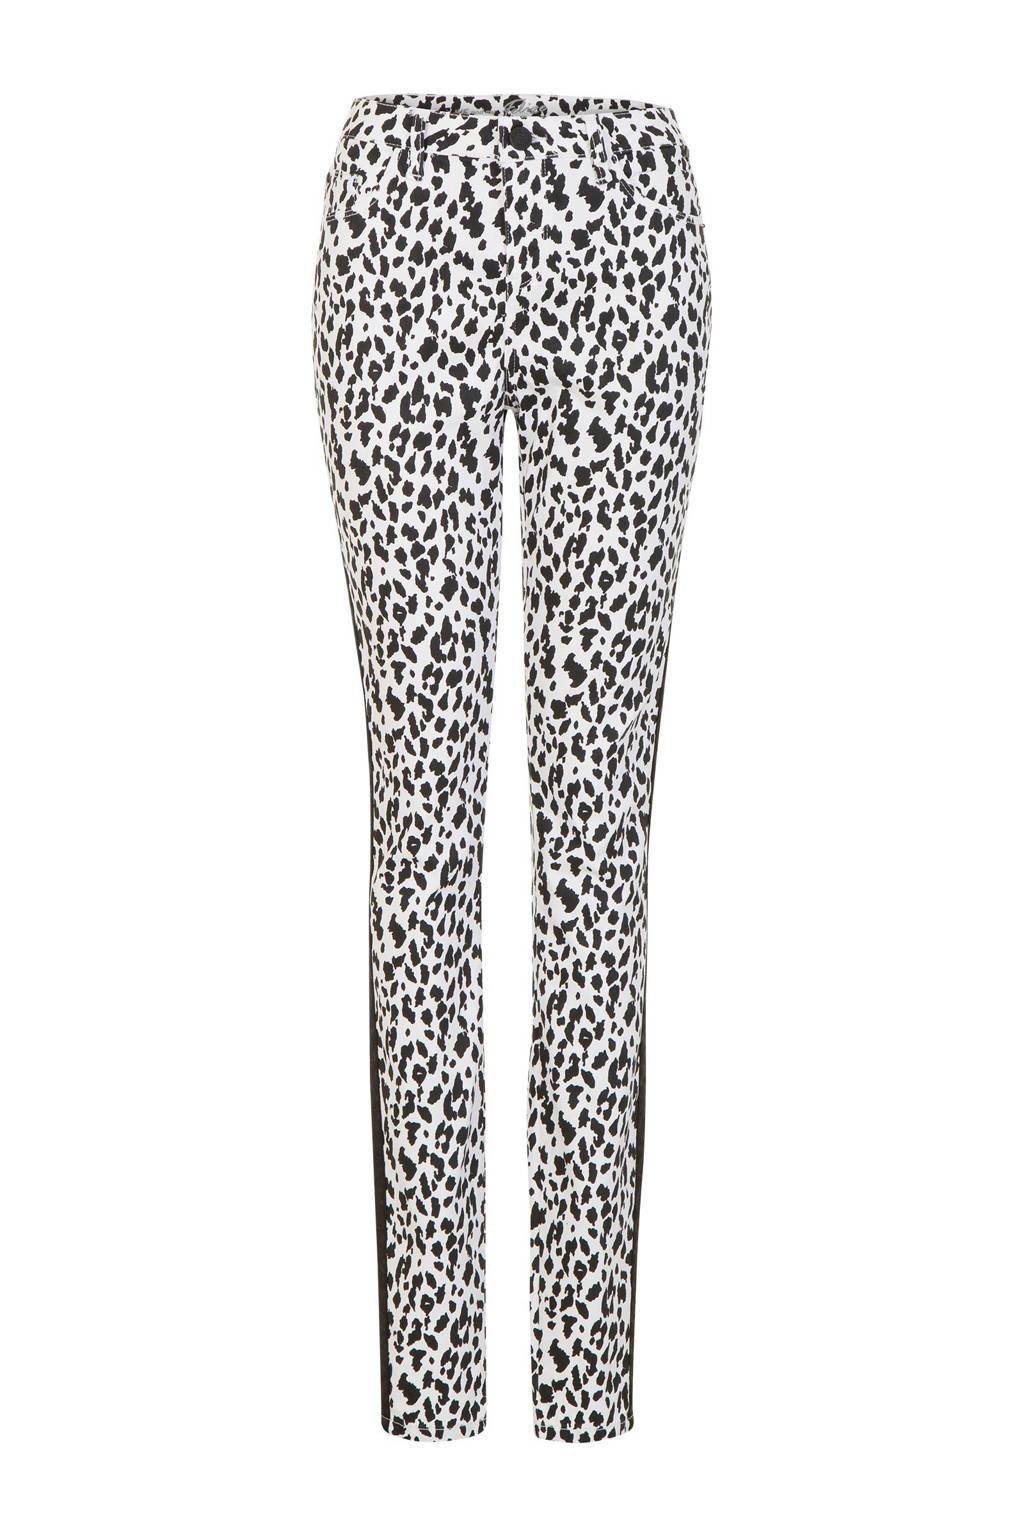 Miss Etam Lang slim fit broek met panter print en zijstreep, Zwart/wit